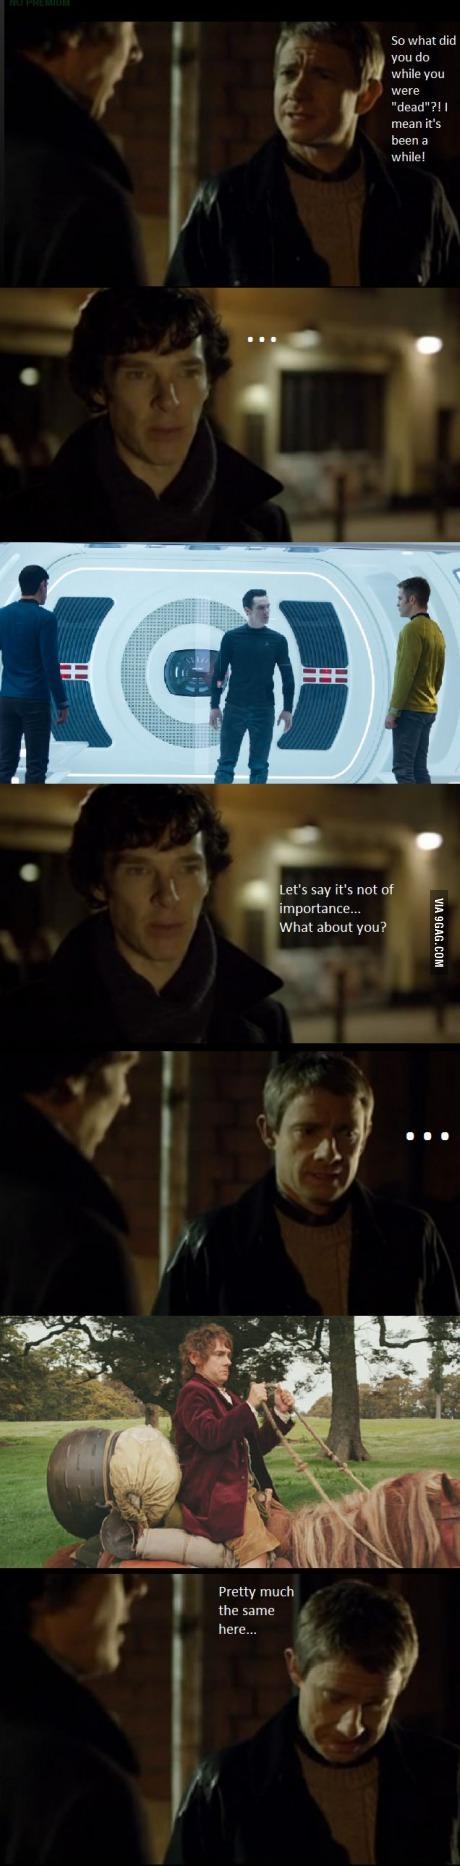 After Sherlock returned